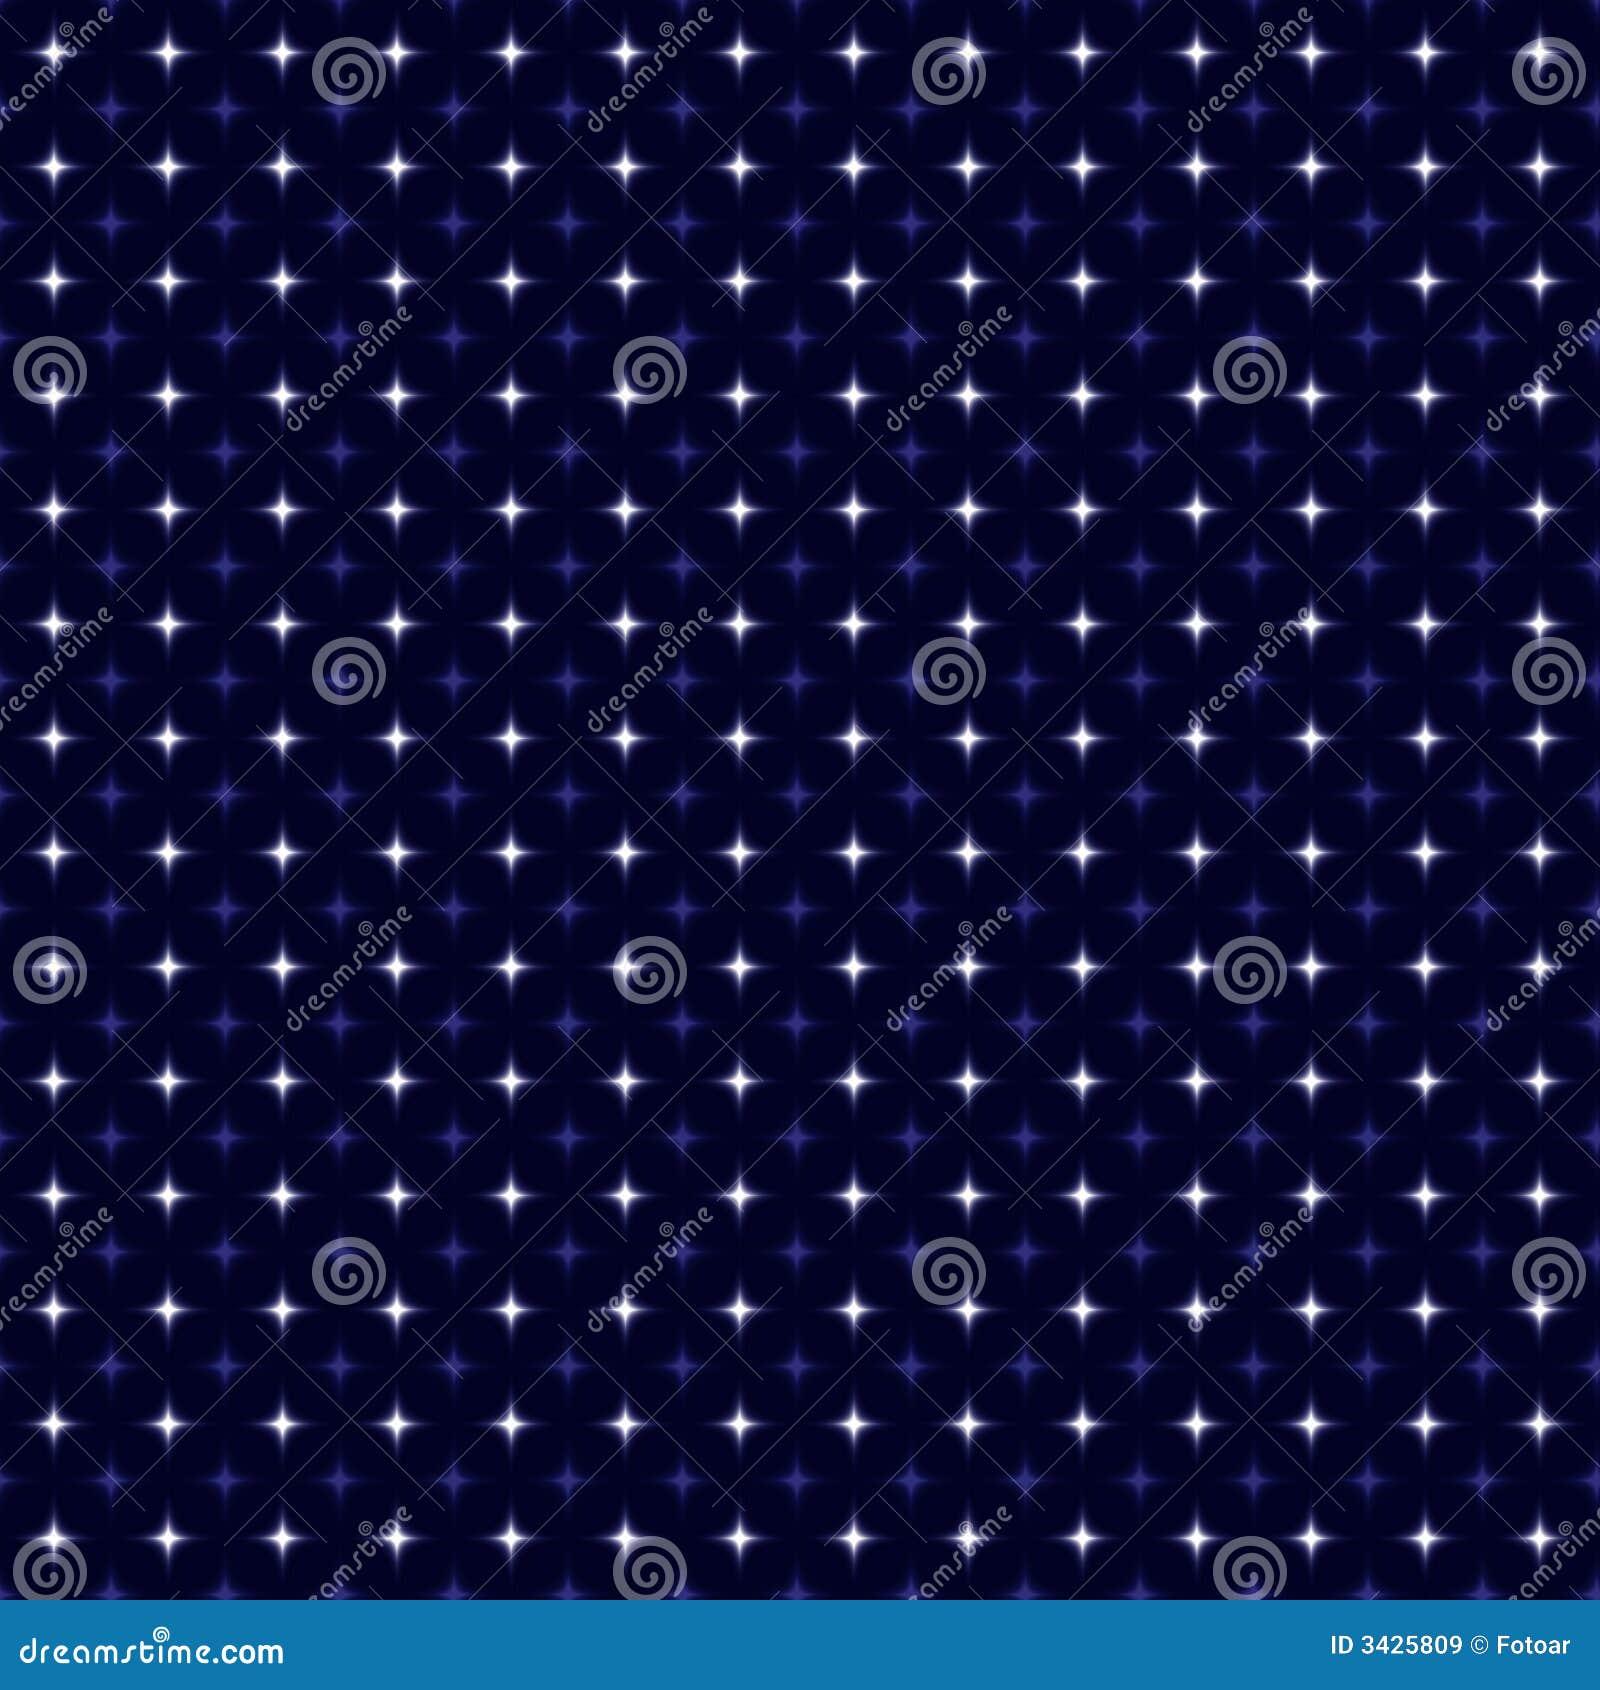 abstractstars abstract stars patterns - photo #16